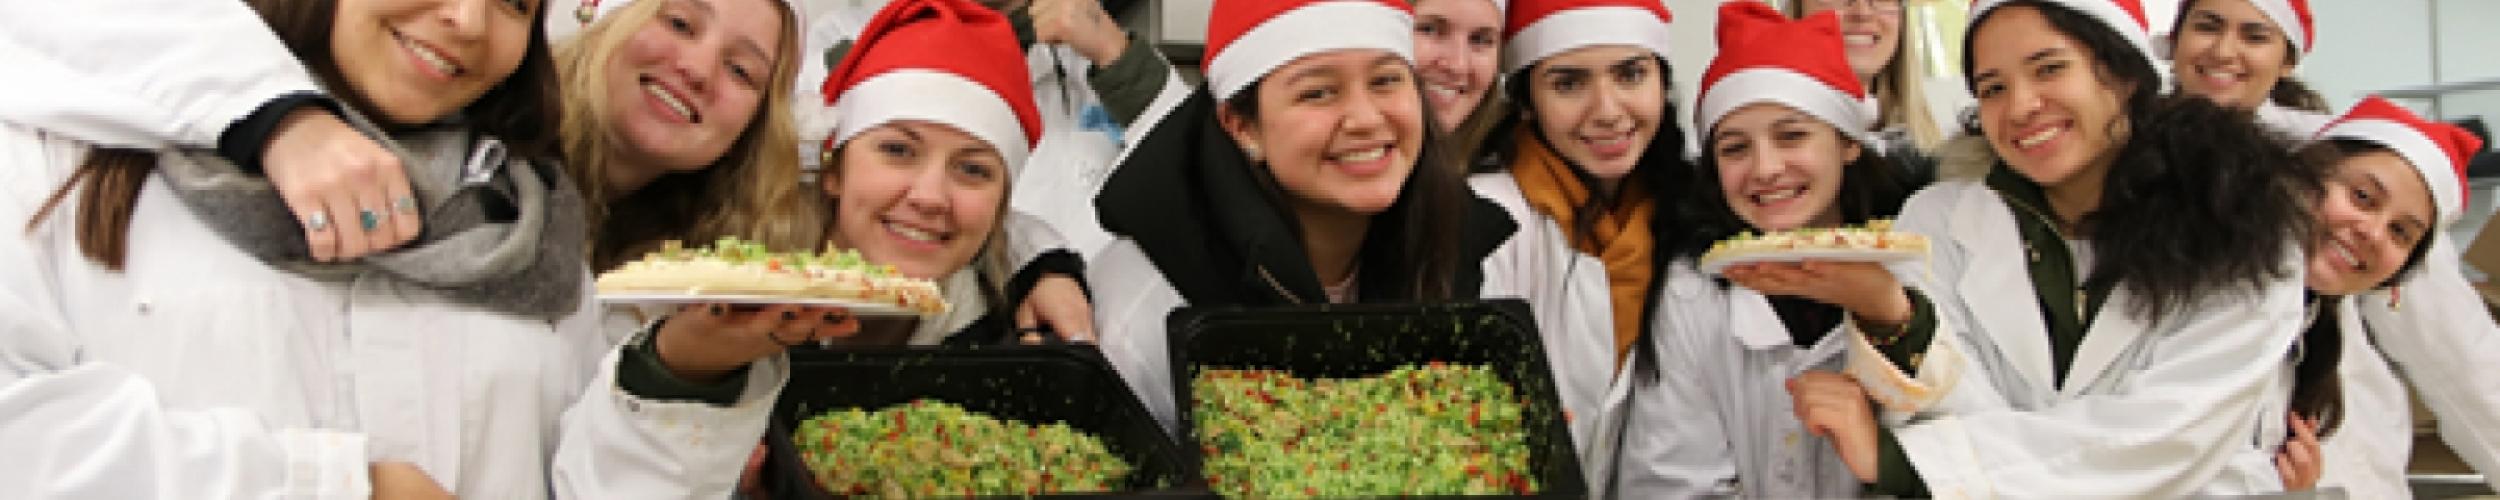 881 pizza's verkocht voor de Warmste Week door Rotary uitwisselingsstudenten